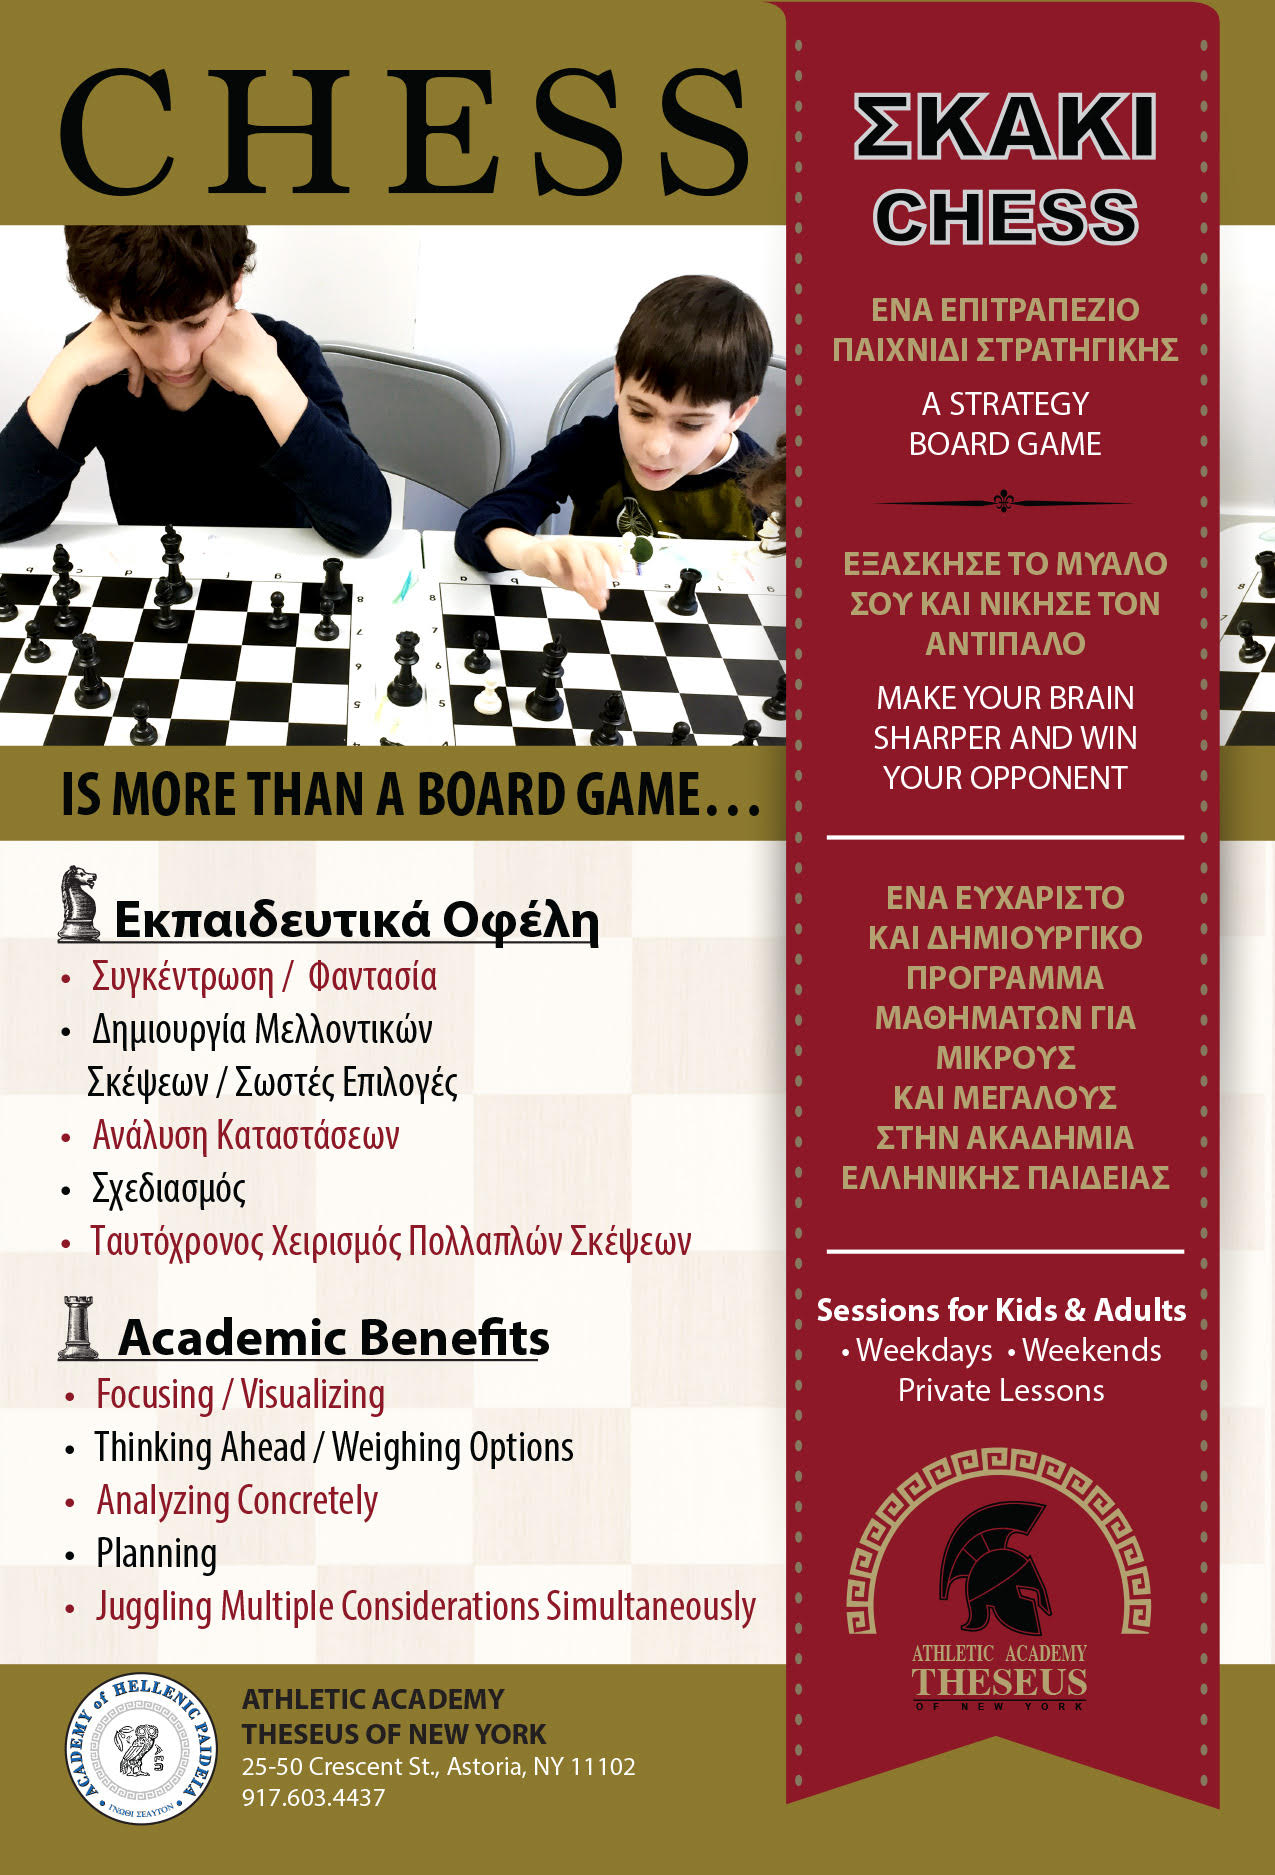 chess poster.jpg